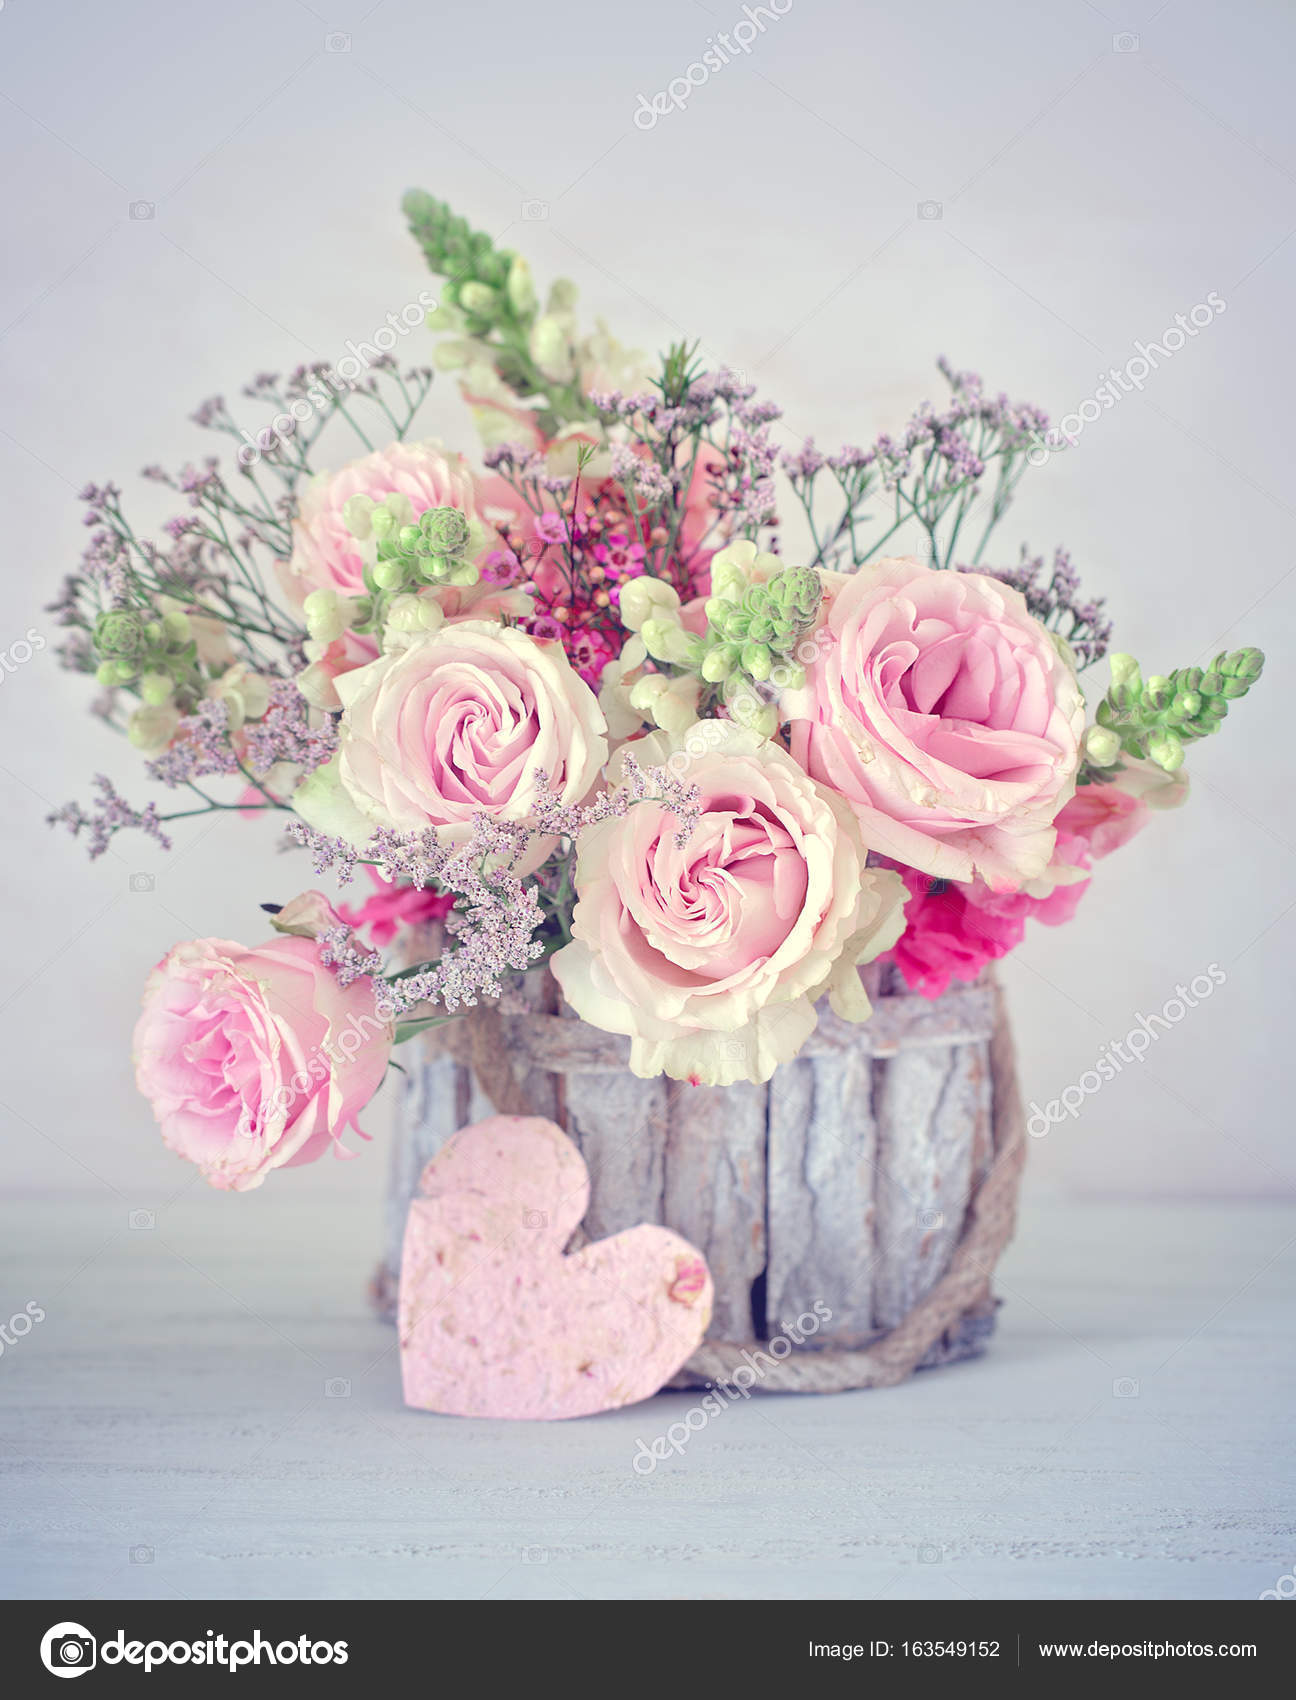 grattis bilder med blommor